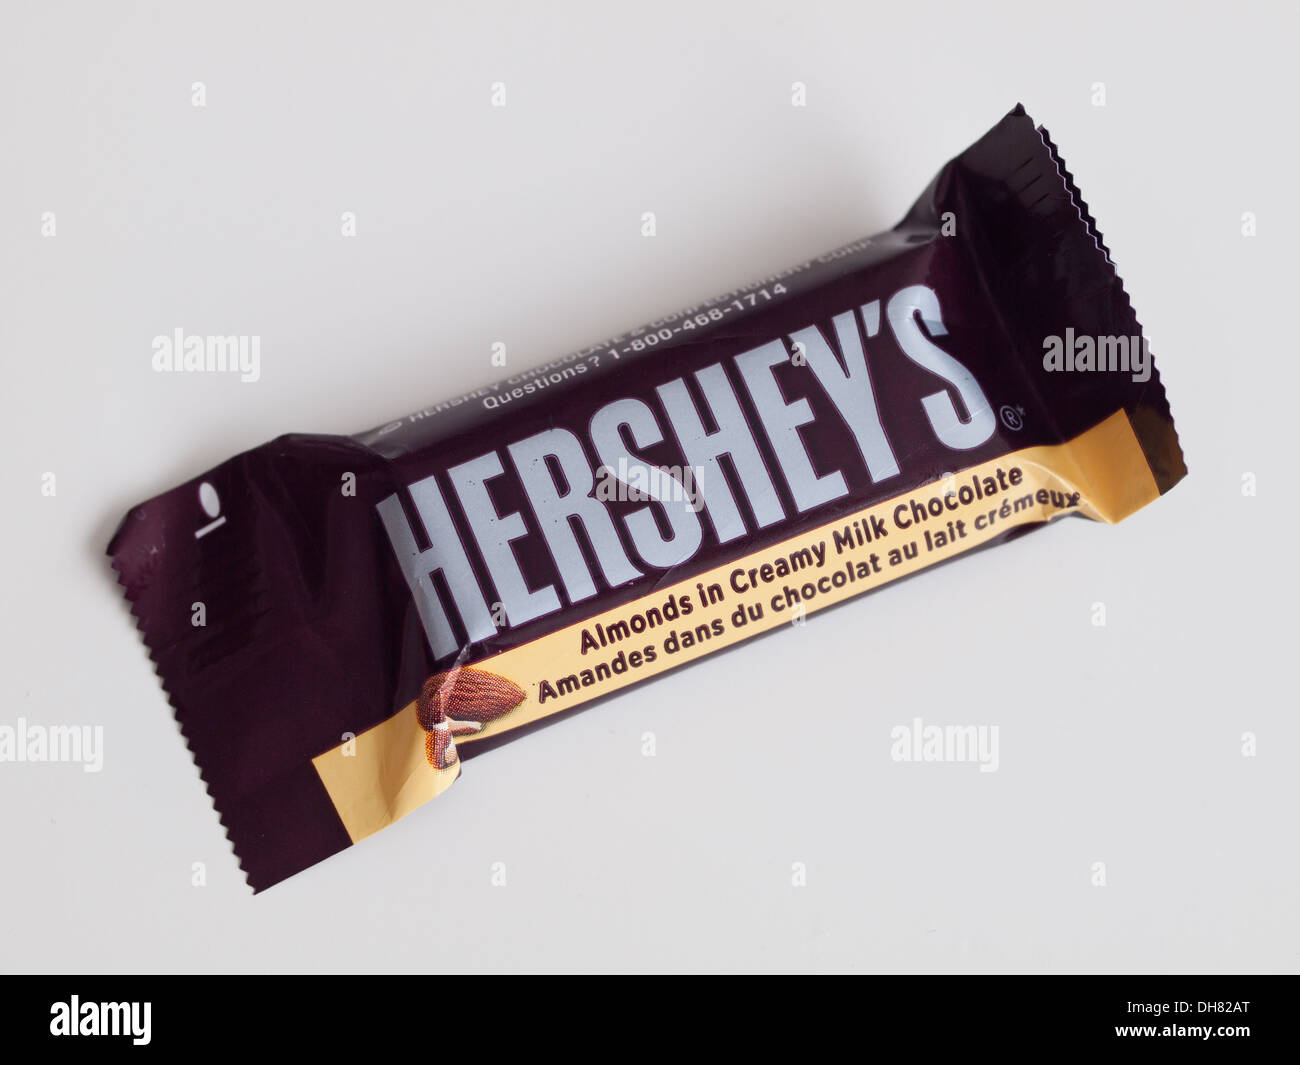 Fun Size Chocolate Bar Stock Photos & Fun Size Chocolate Bar Stock ...